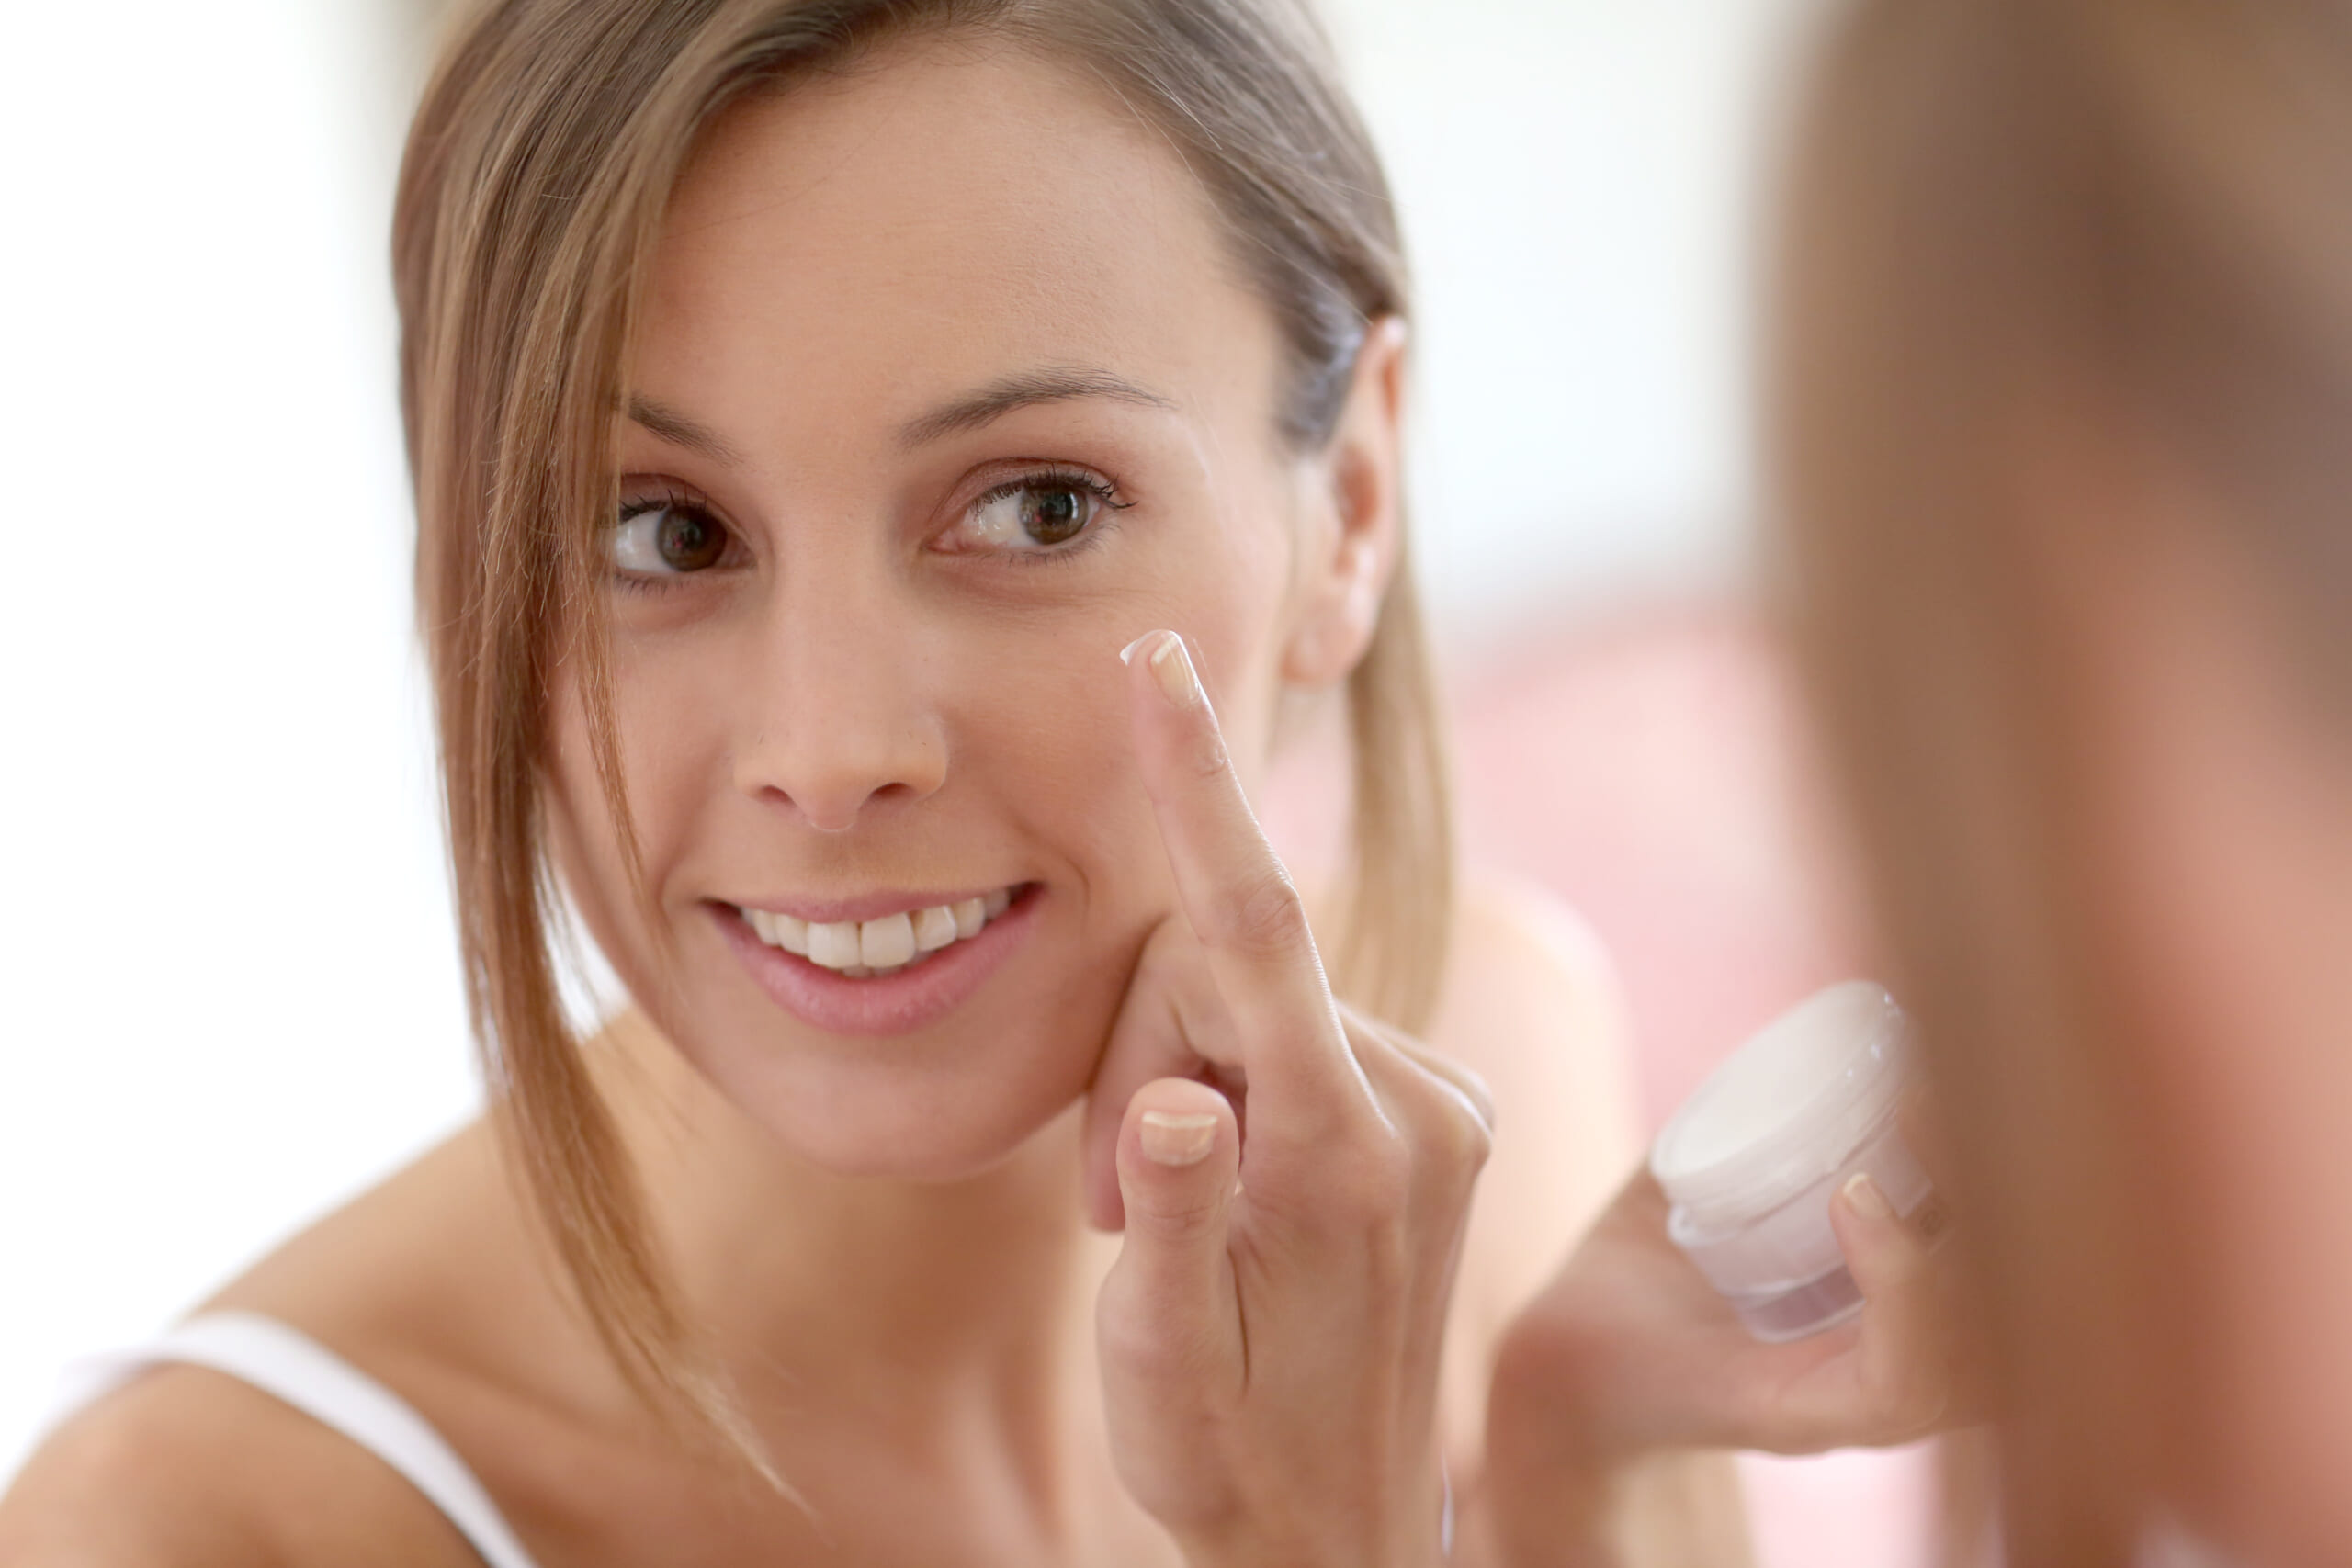 化粧下地で老け見え?40代が避けるべき化粧下地